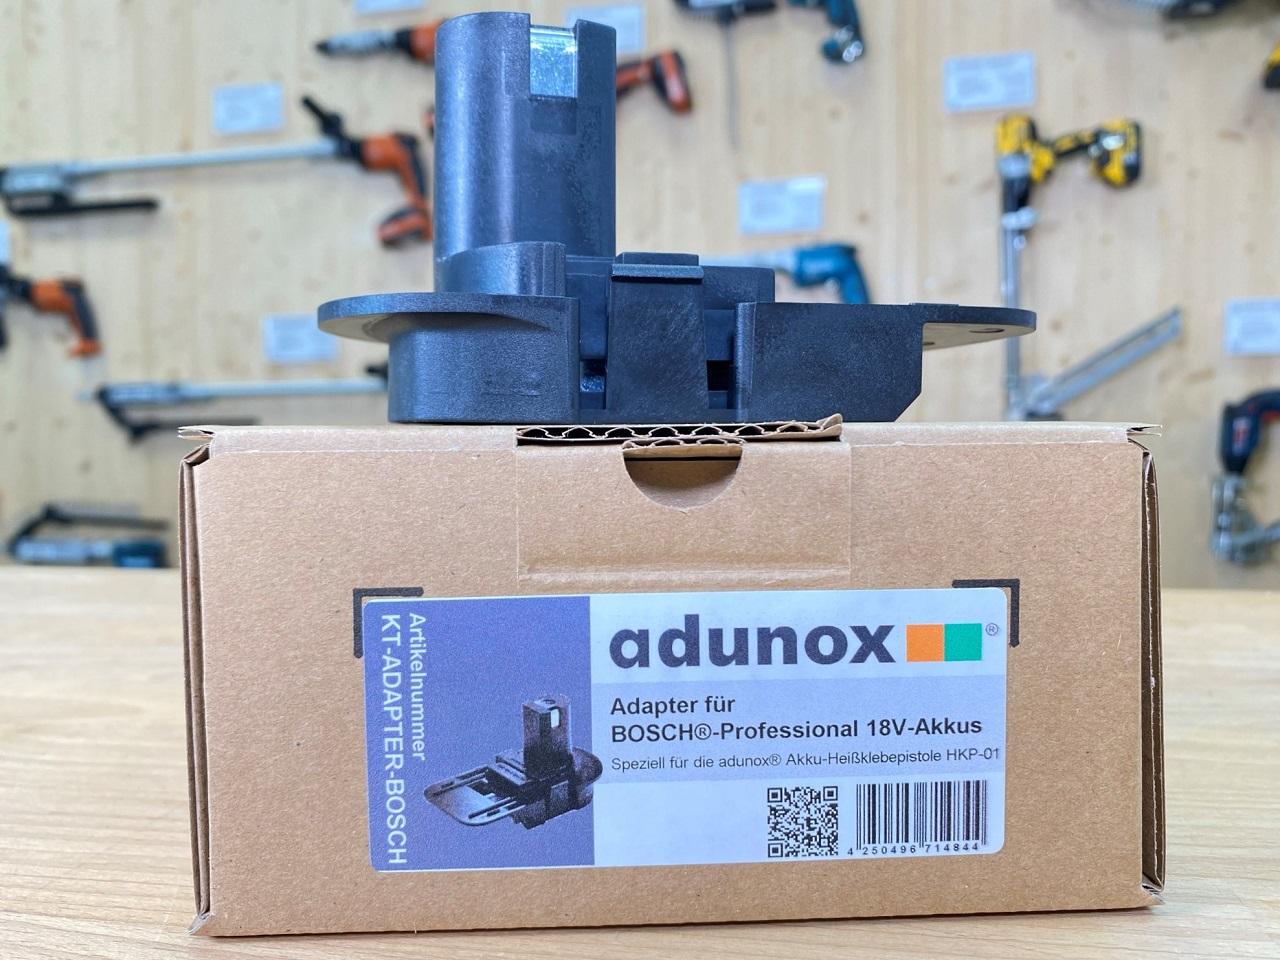 Adapter für Akku-Heißklebepistole HKP-01 | 18V-Akkus von Bosch®-Professional